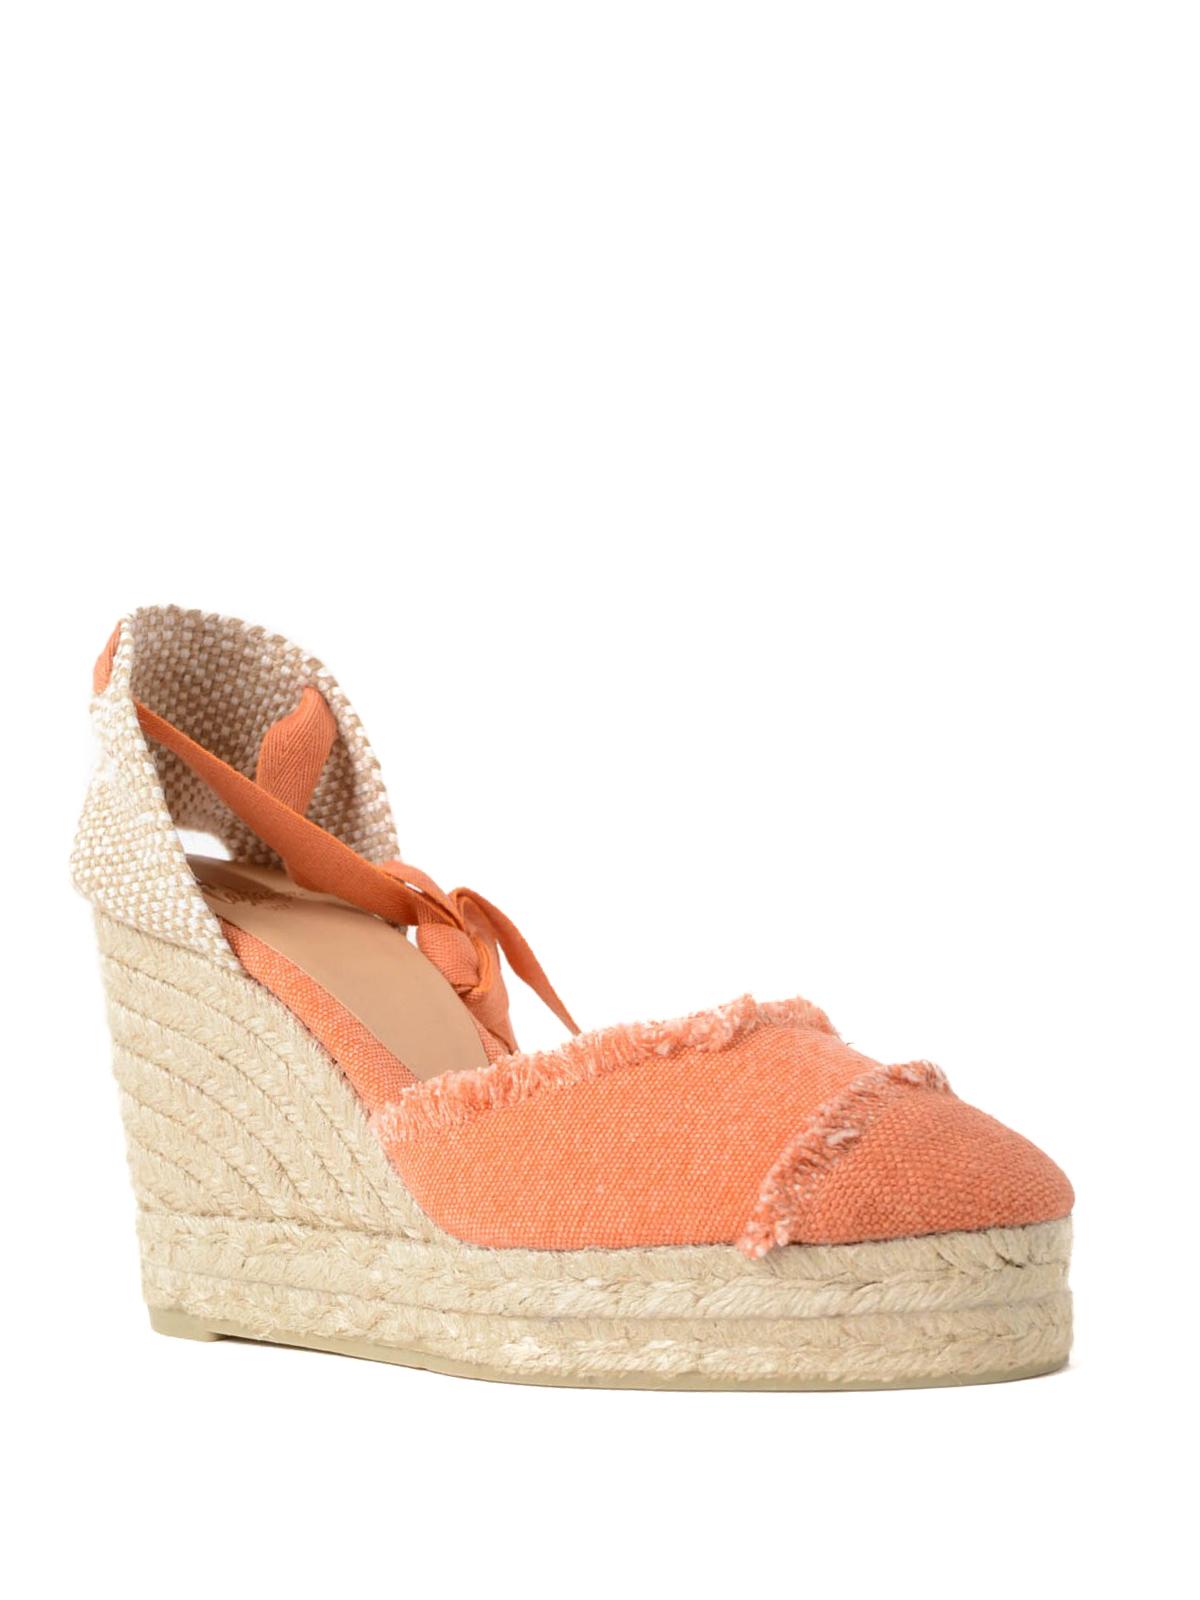 6e0b4c0c869 Castaner - Catalina orange wedge espadrilles - espadrilles ...